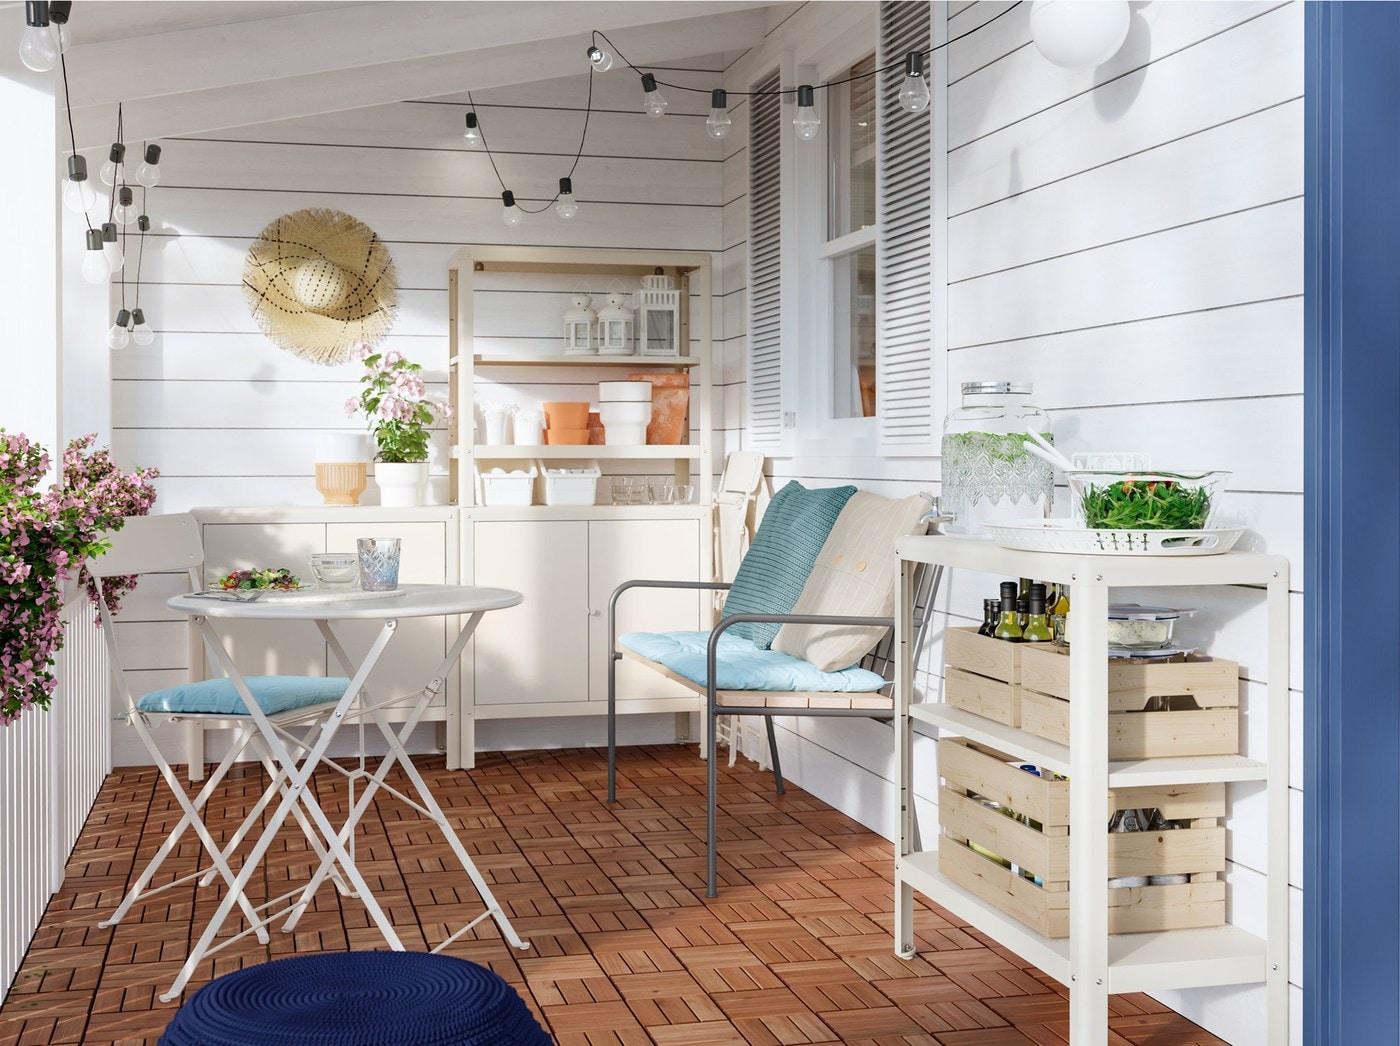 شرفة بها كنبة، وطاولة وكرسي، مع وسائد أزرق وكريم، ووحدة رفوف أبيض عاجي KOLBJÖRN من ايكيا وسلاسل إضاءة.